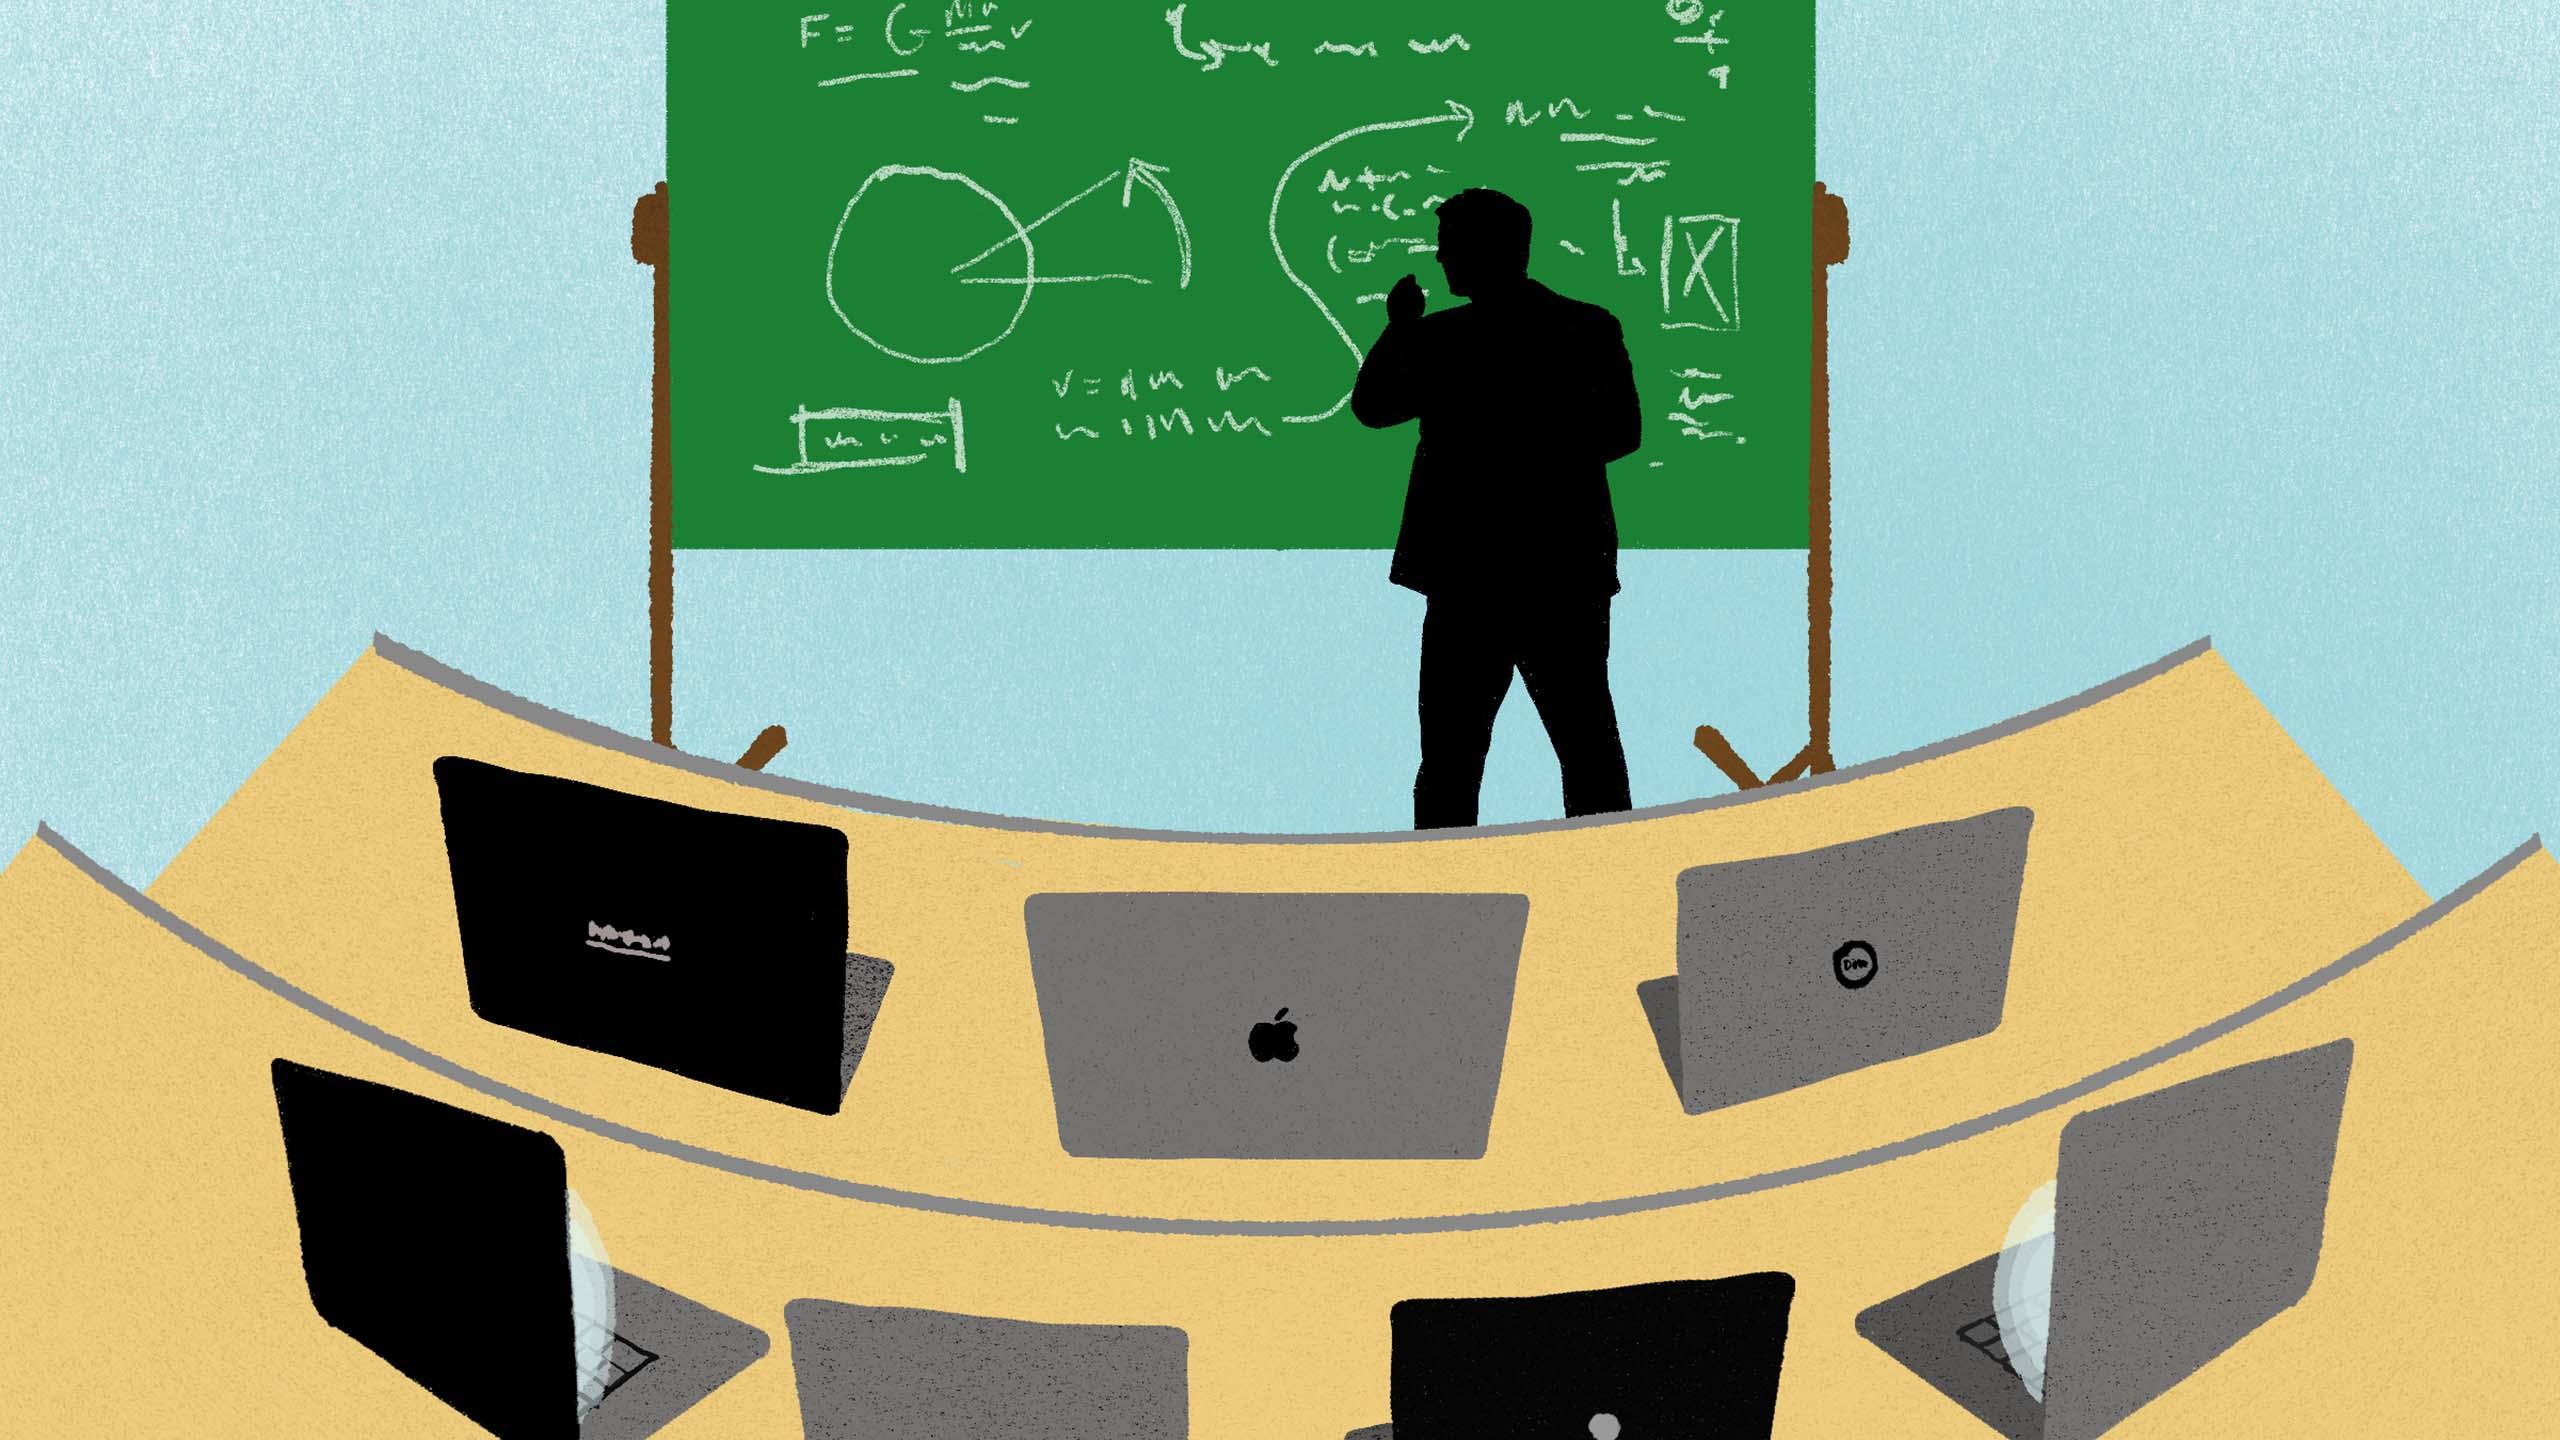 سورس آندروید و IOS دوره های آموزشی